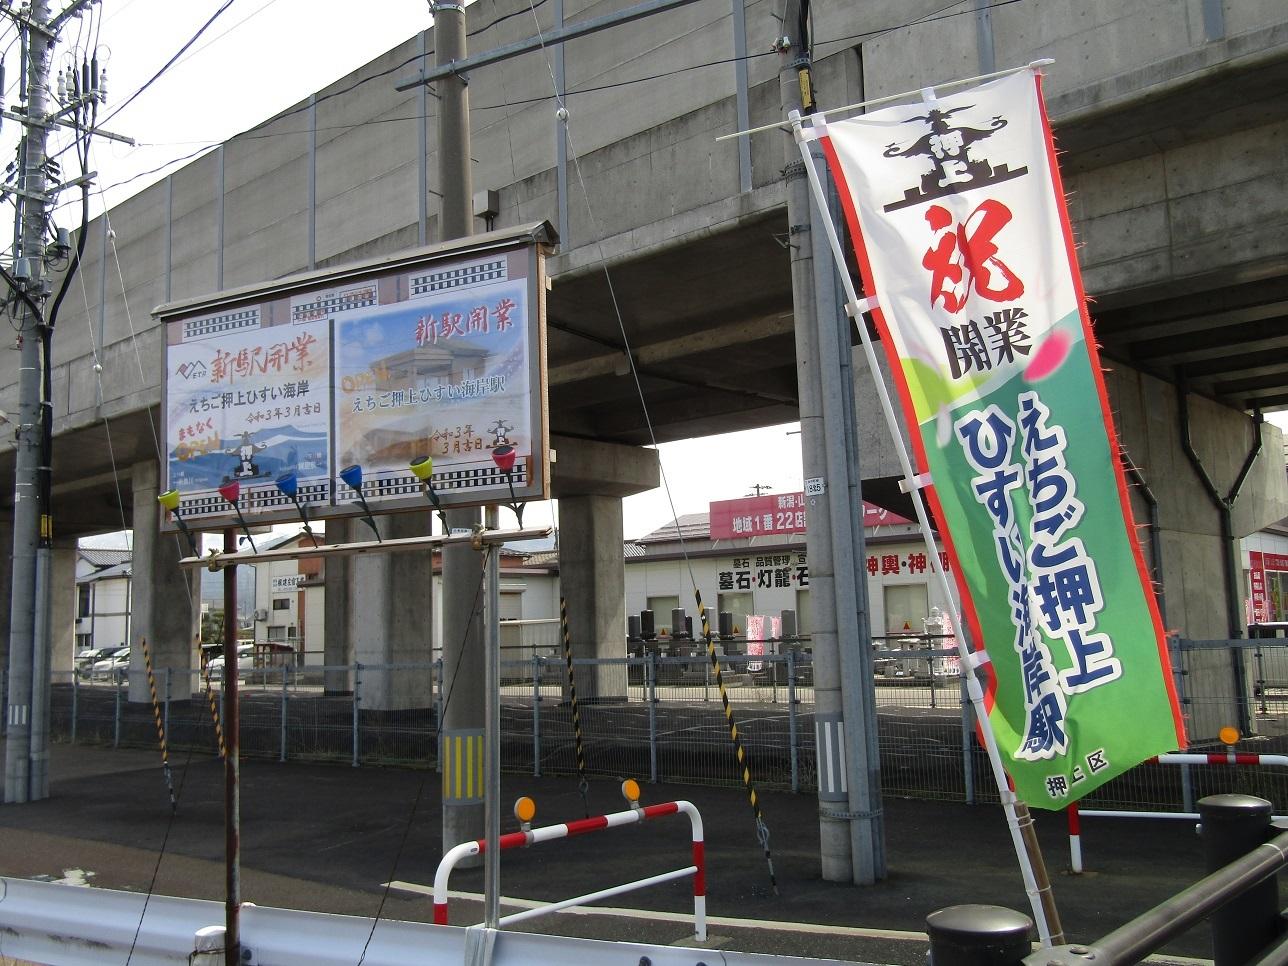 新駅開業!攻める3セク、7年目のトキ鉄。_f0281398_21383269.jpg